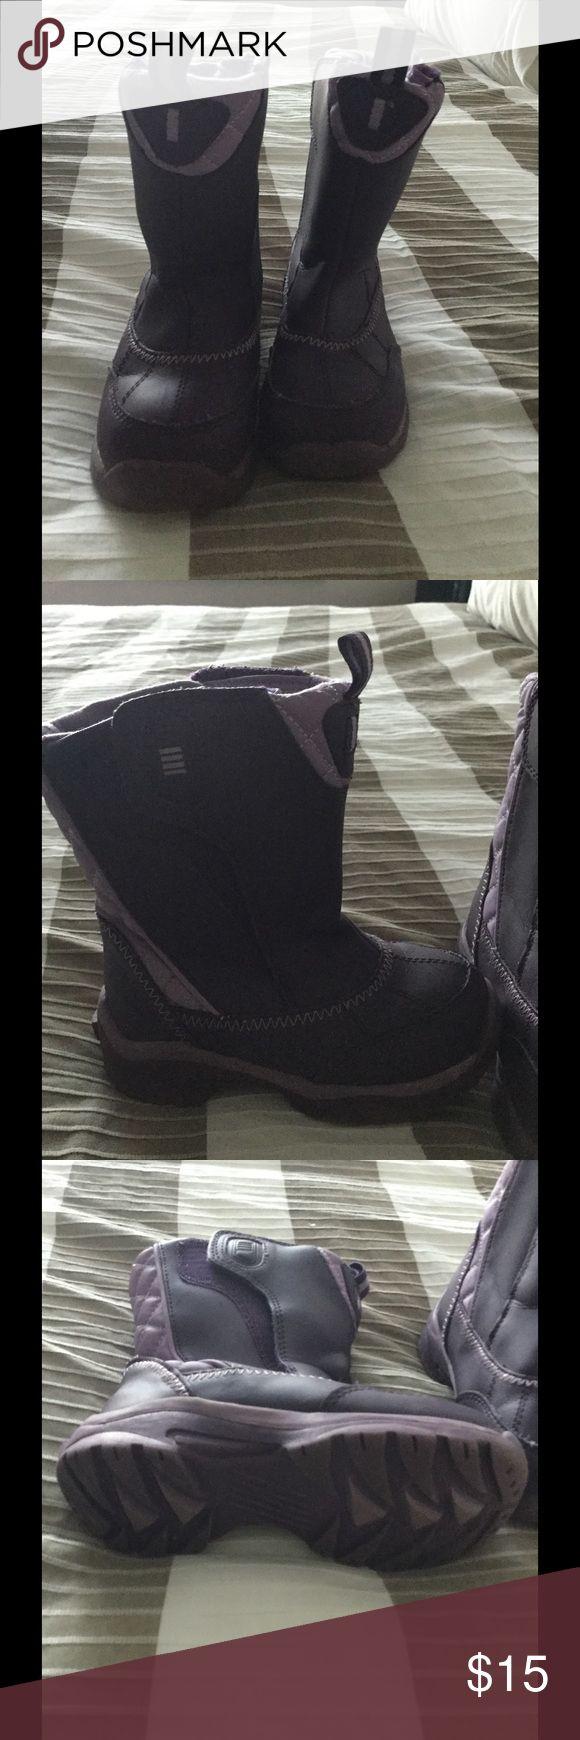 Kids snow boots Purple snow boots. Lands end Shoes Rain & Snow Boots